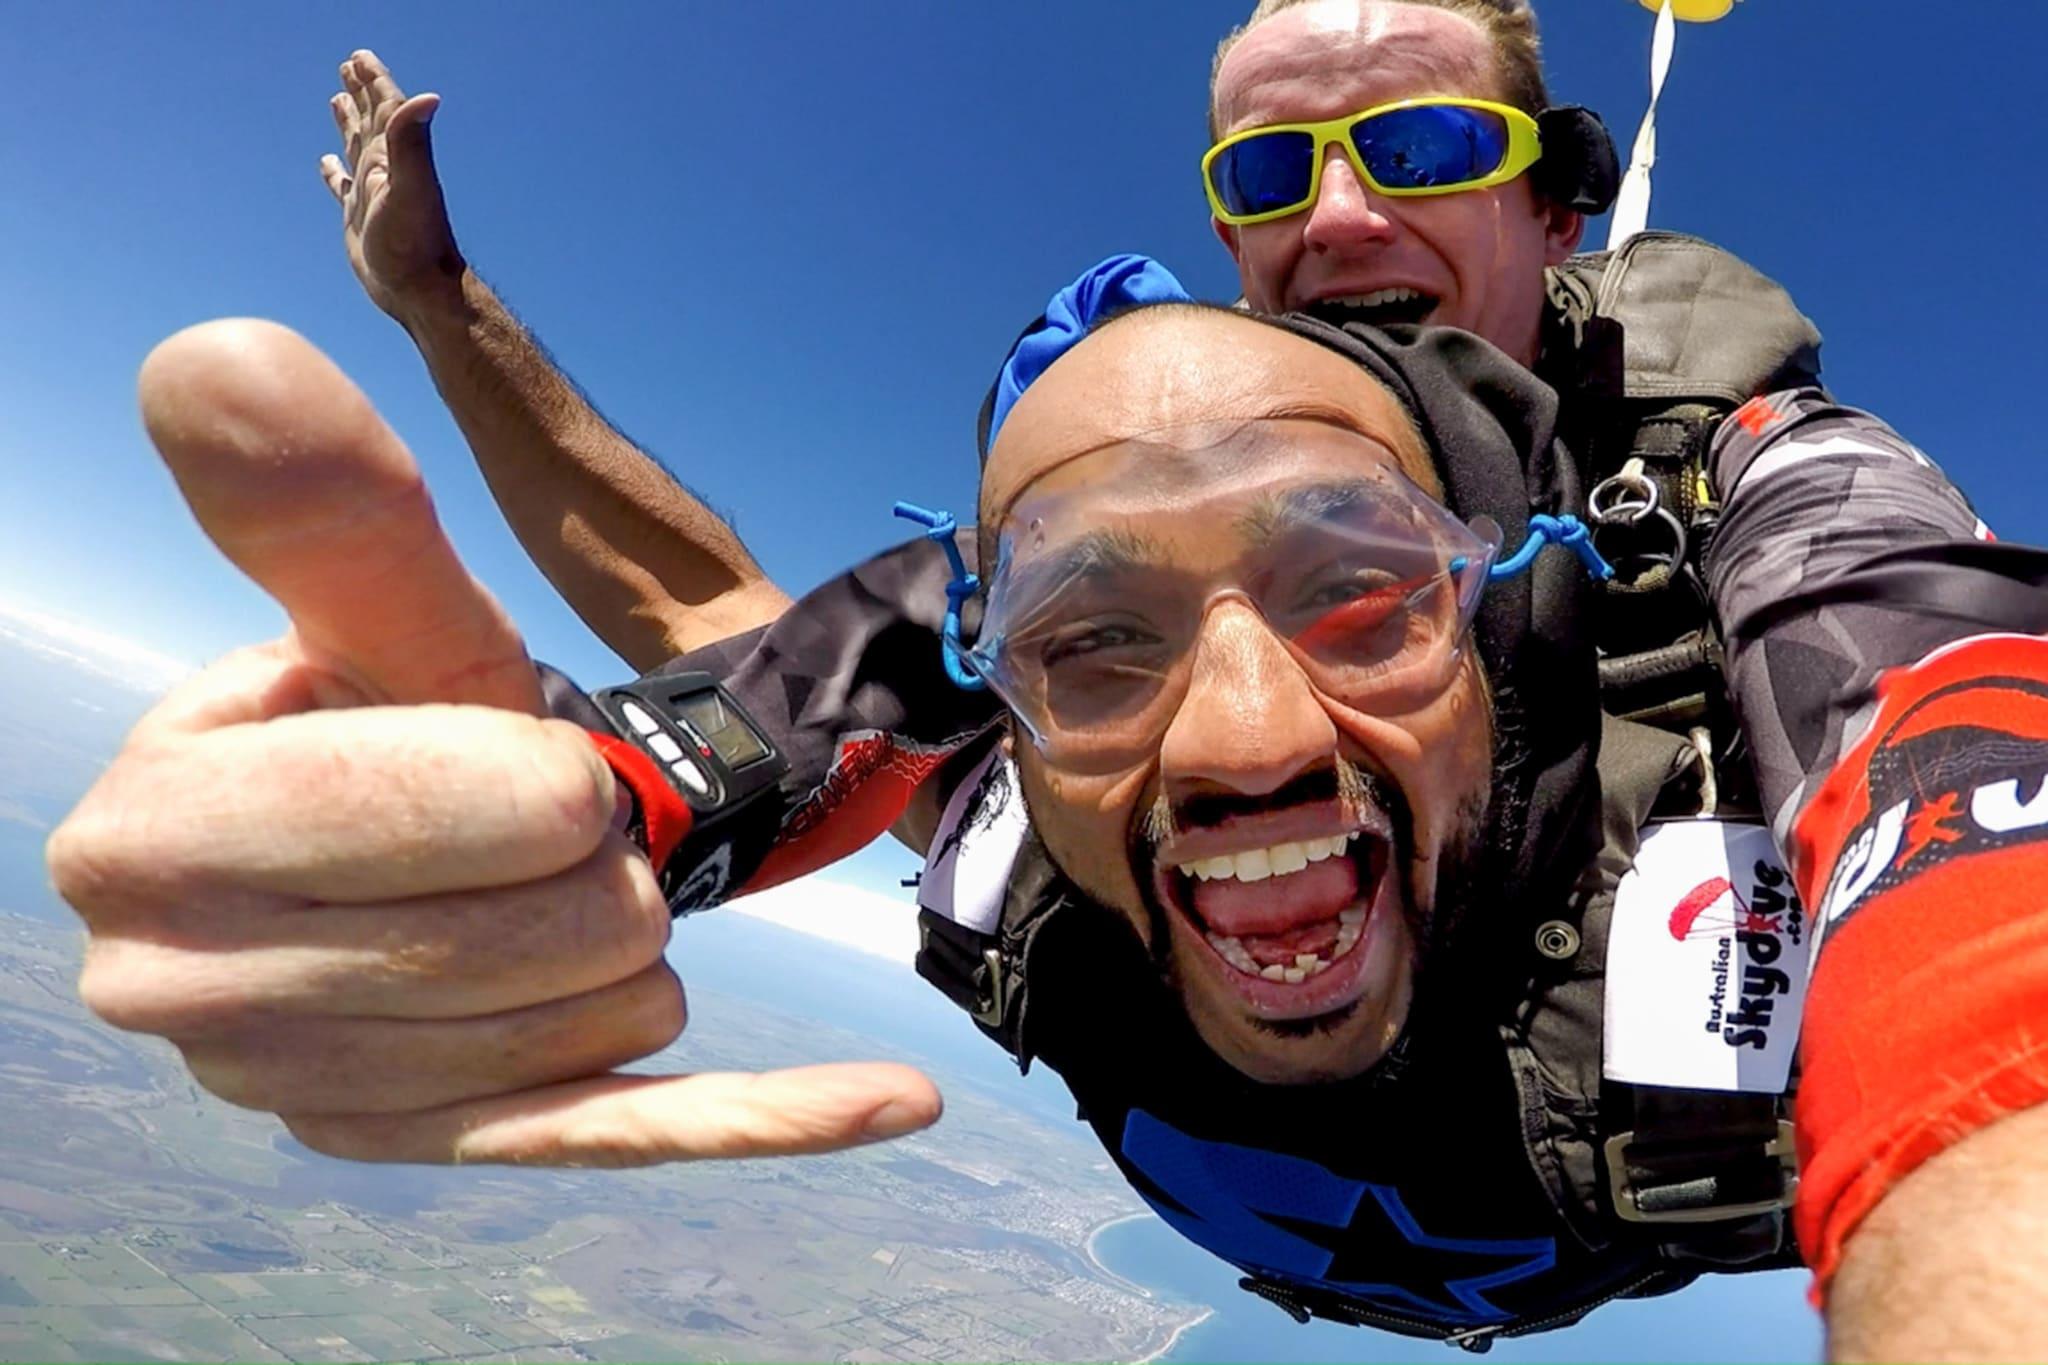 Tandem Skydive up to 12,000ft, Weekend - Great Ocean Road, Torquay